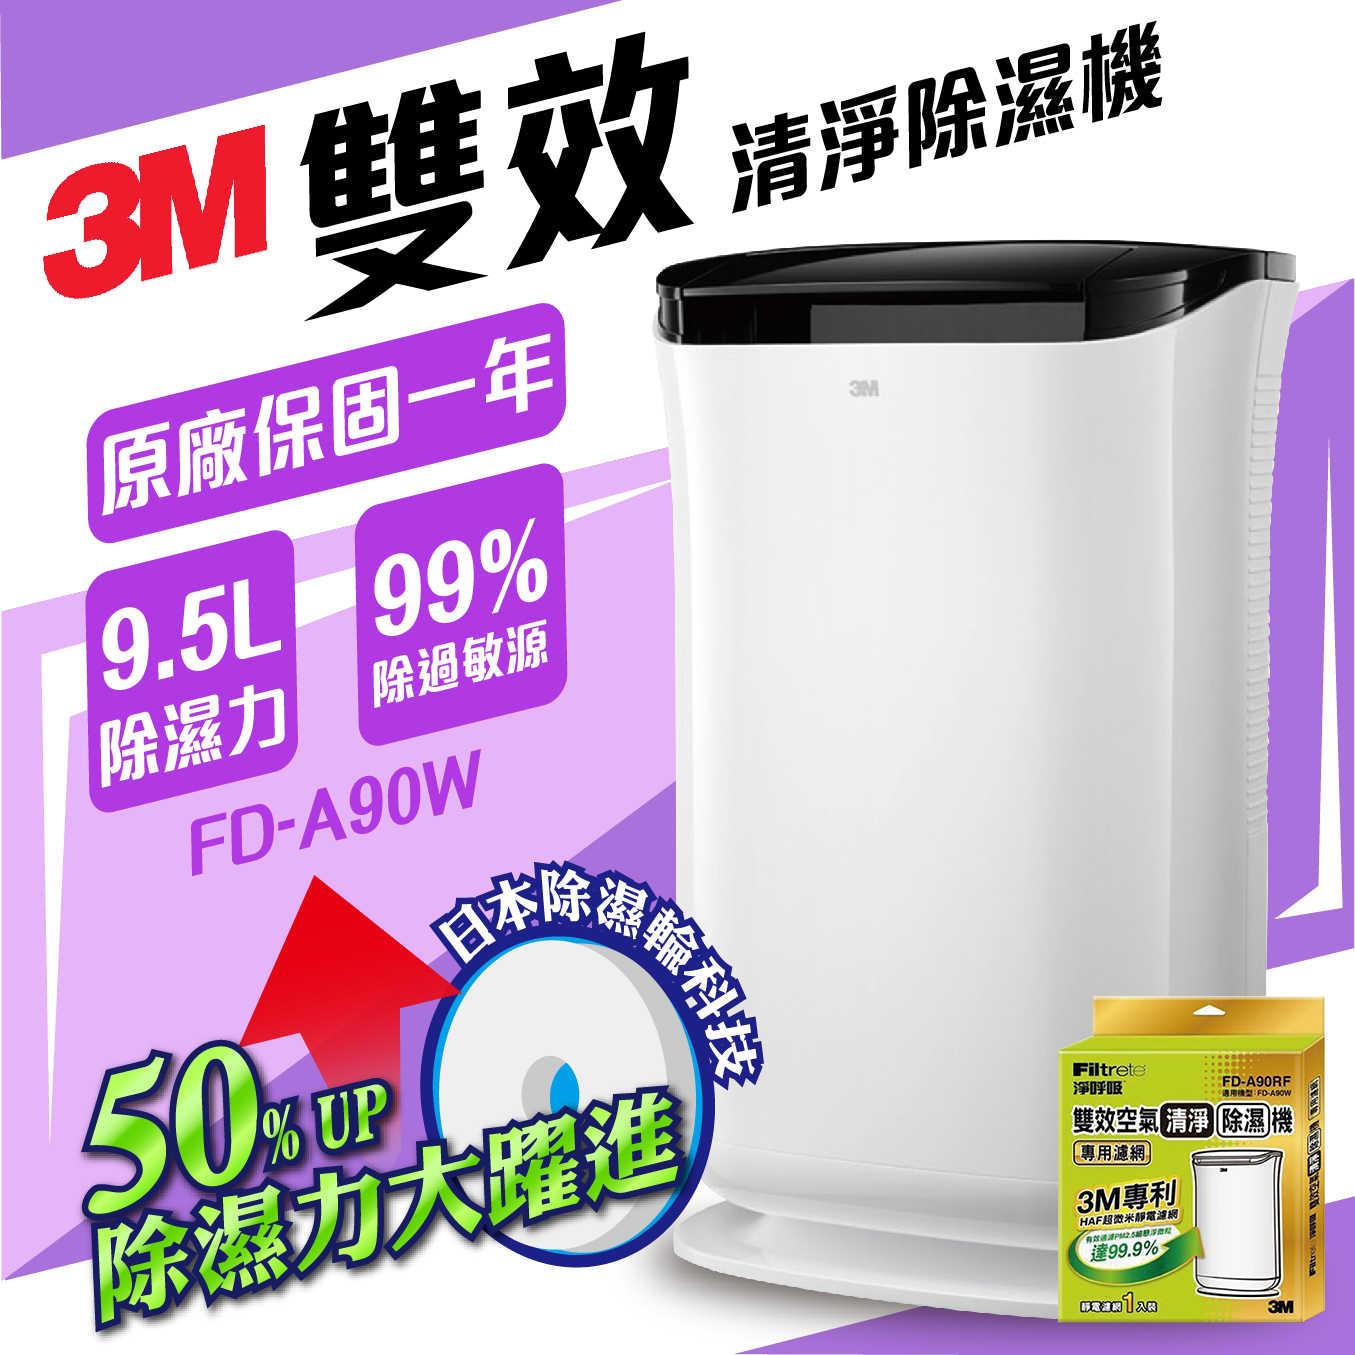 【台灣製造】3M 雙效空氣清淨除溼機FD-A90W+1濾網